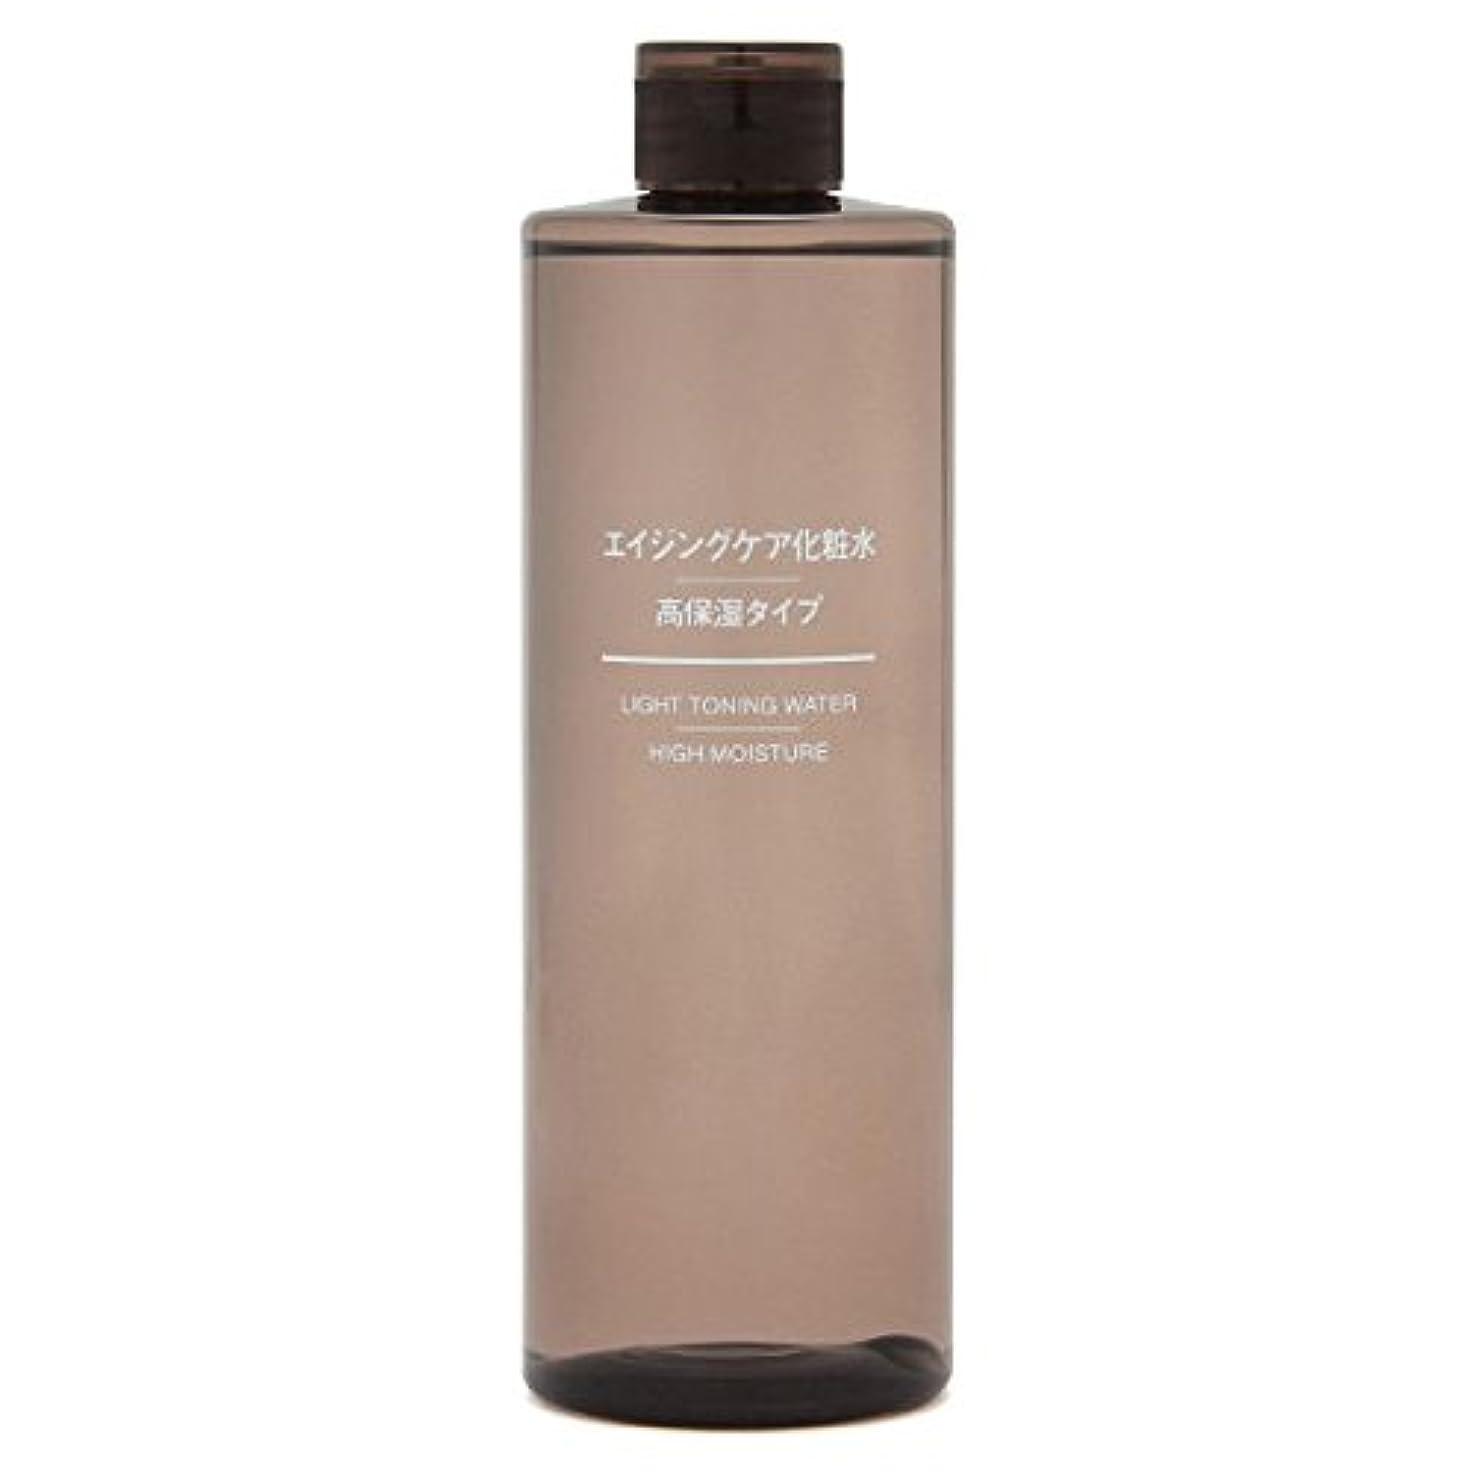 注釈を付ける激しい生息地無印良品 エイジングケア化粧水?高保湿タイプ(大容量) 400ml 38743187 良品計画